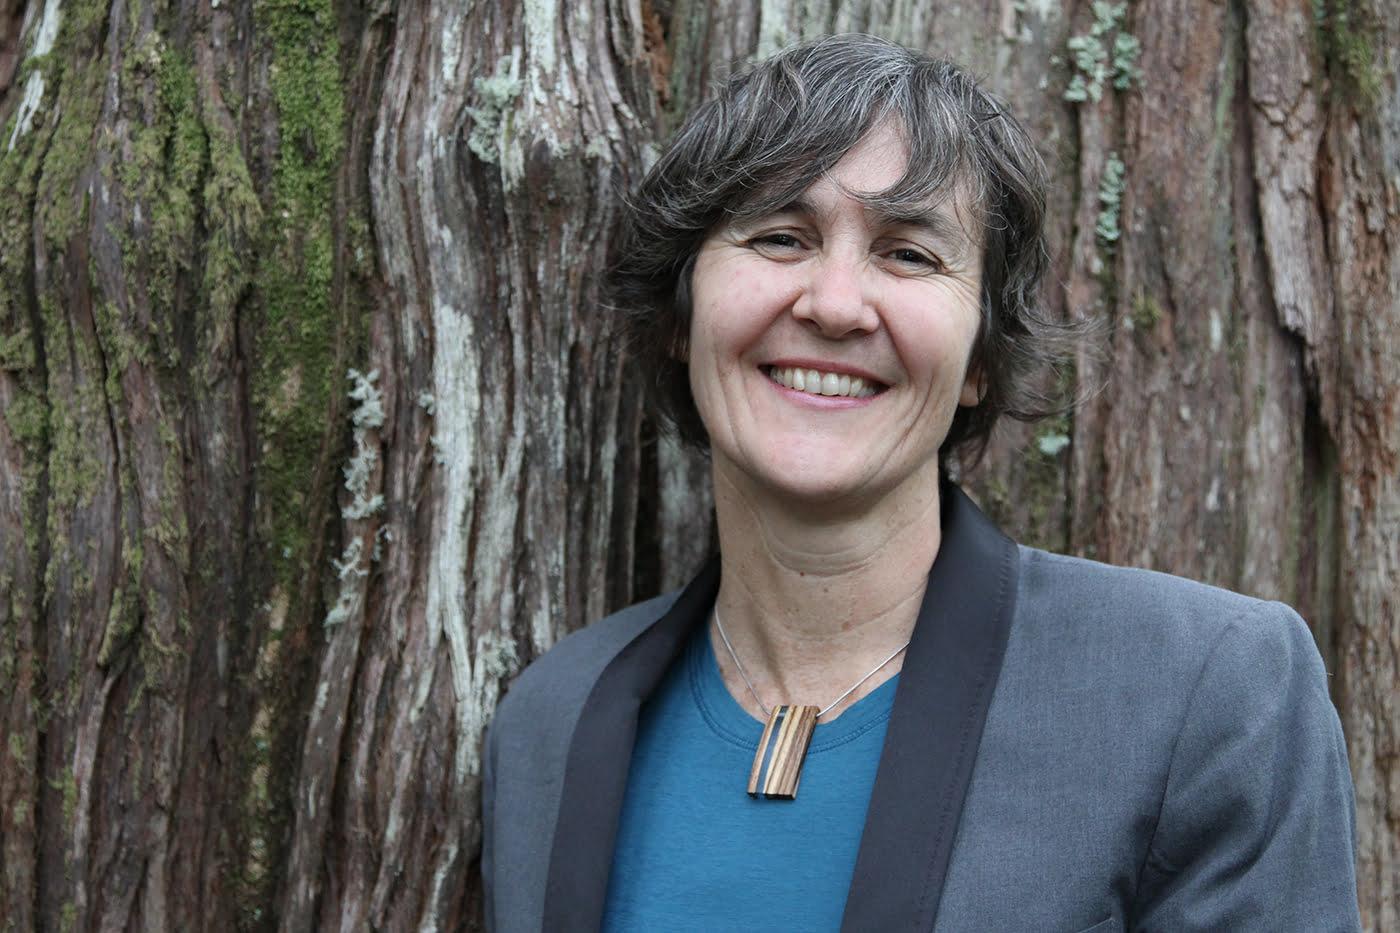 Nicole Rycroft